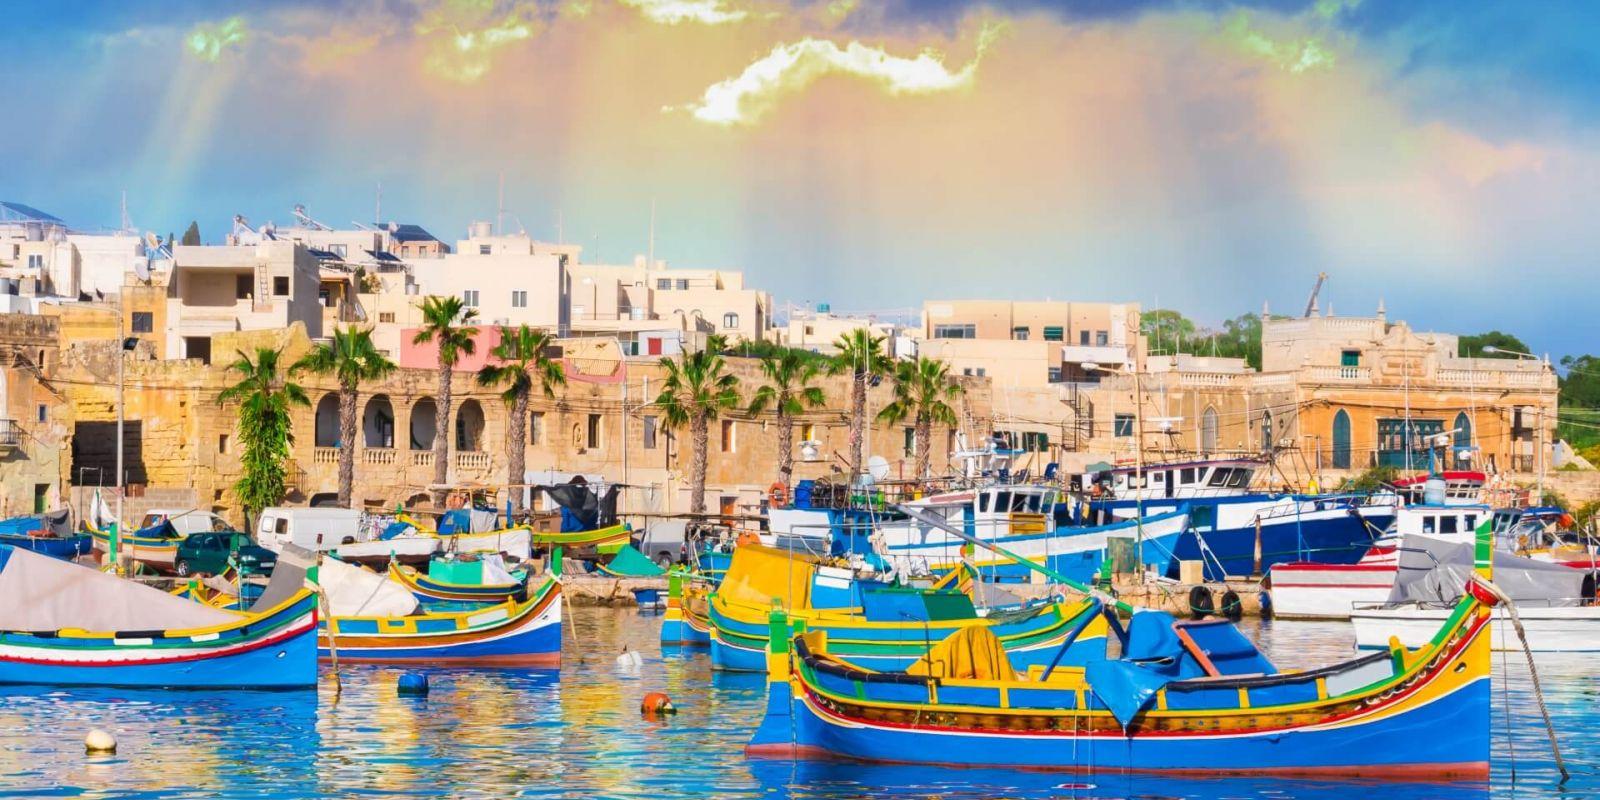 https://www.talamare.fr/medias/Des bateaux colorés dans l'ancien village de pêcheurs de Marsaxlokk sur l'île de Malte